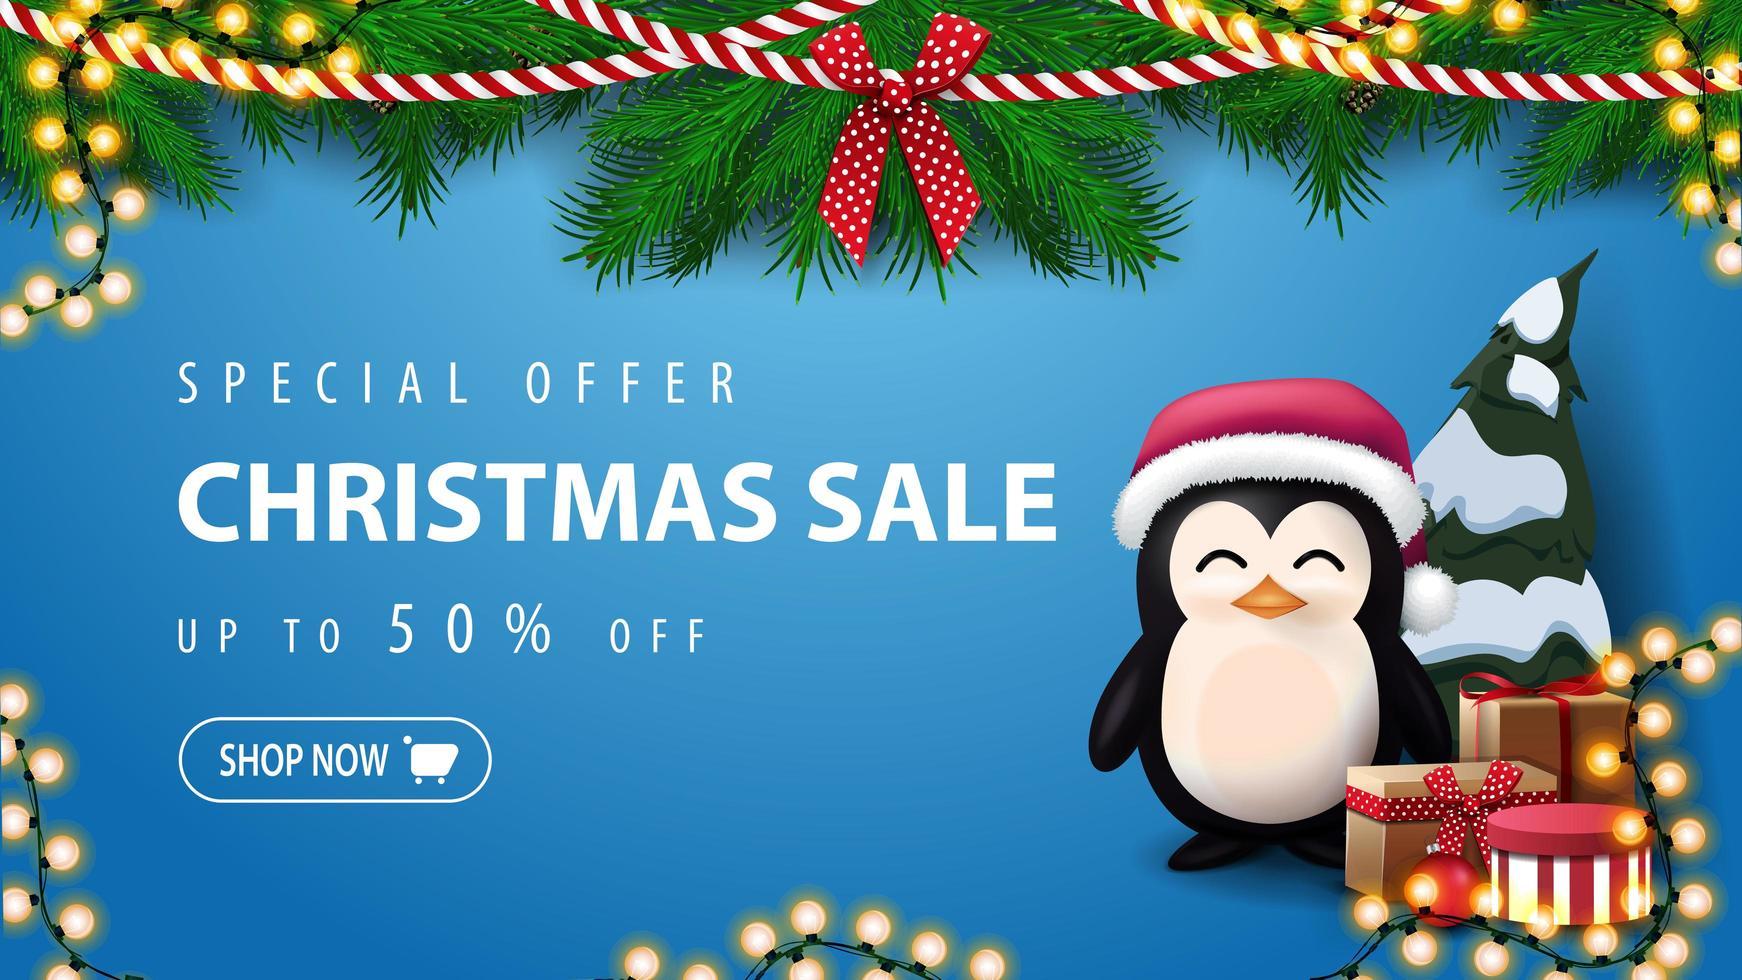 Sonderangebot, Weihnachtsverkauf, bis zu 50 Rabatt, blaues Rabattbanner mit Kranz aus Weihnachtsbaumzweigen und Pinguin im Weihnachtsmannhut mit Geschenken in der Nähe der Wand vektor